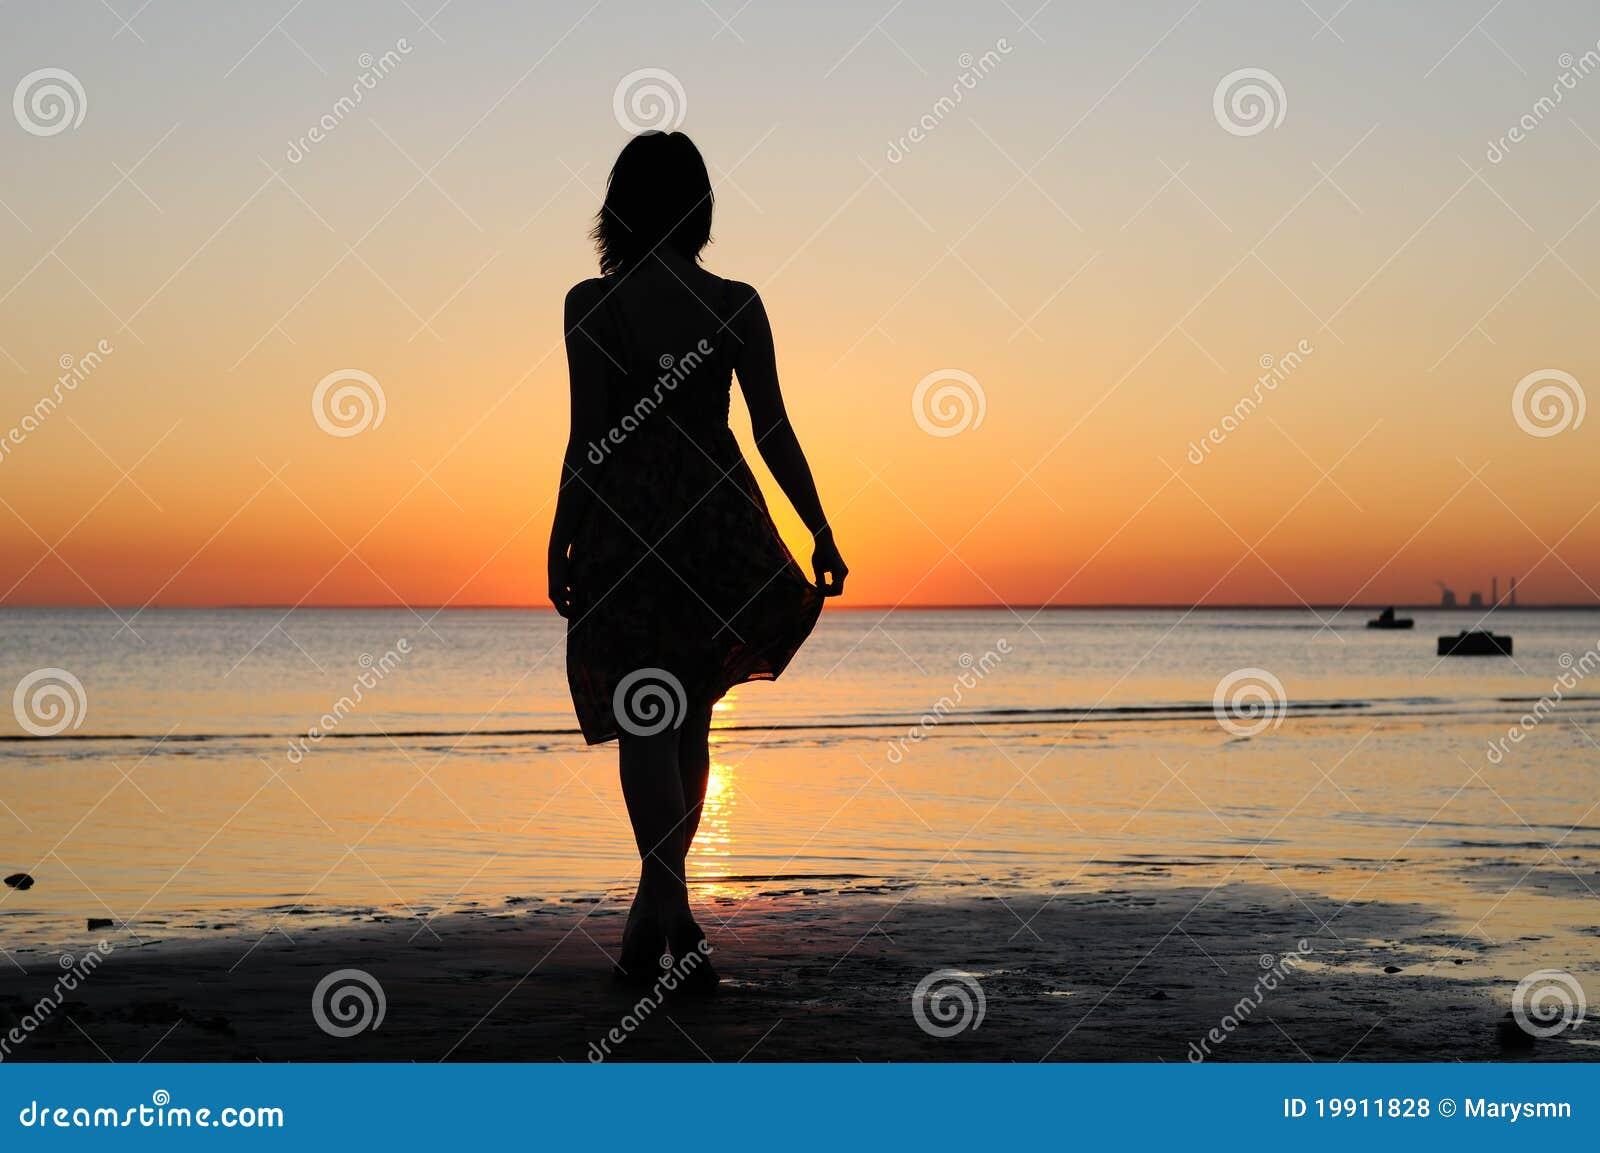 Фото женщин на берегу моря 5 фотография